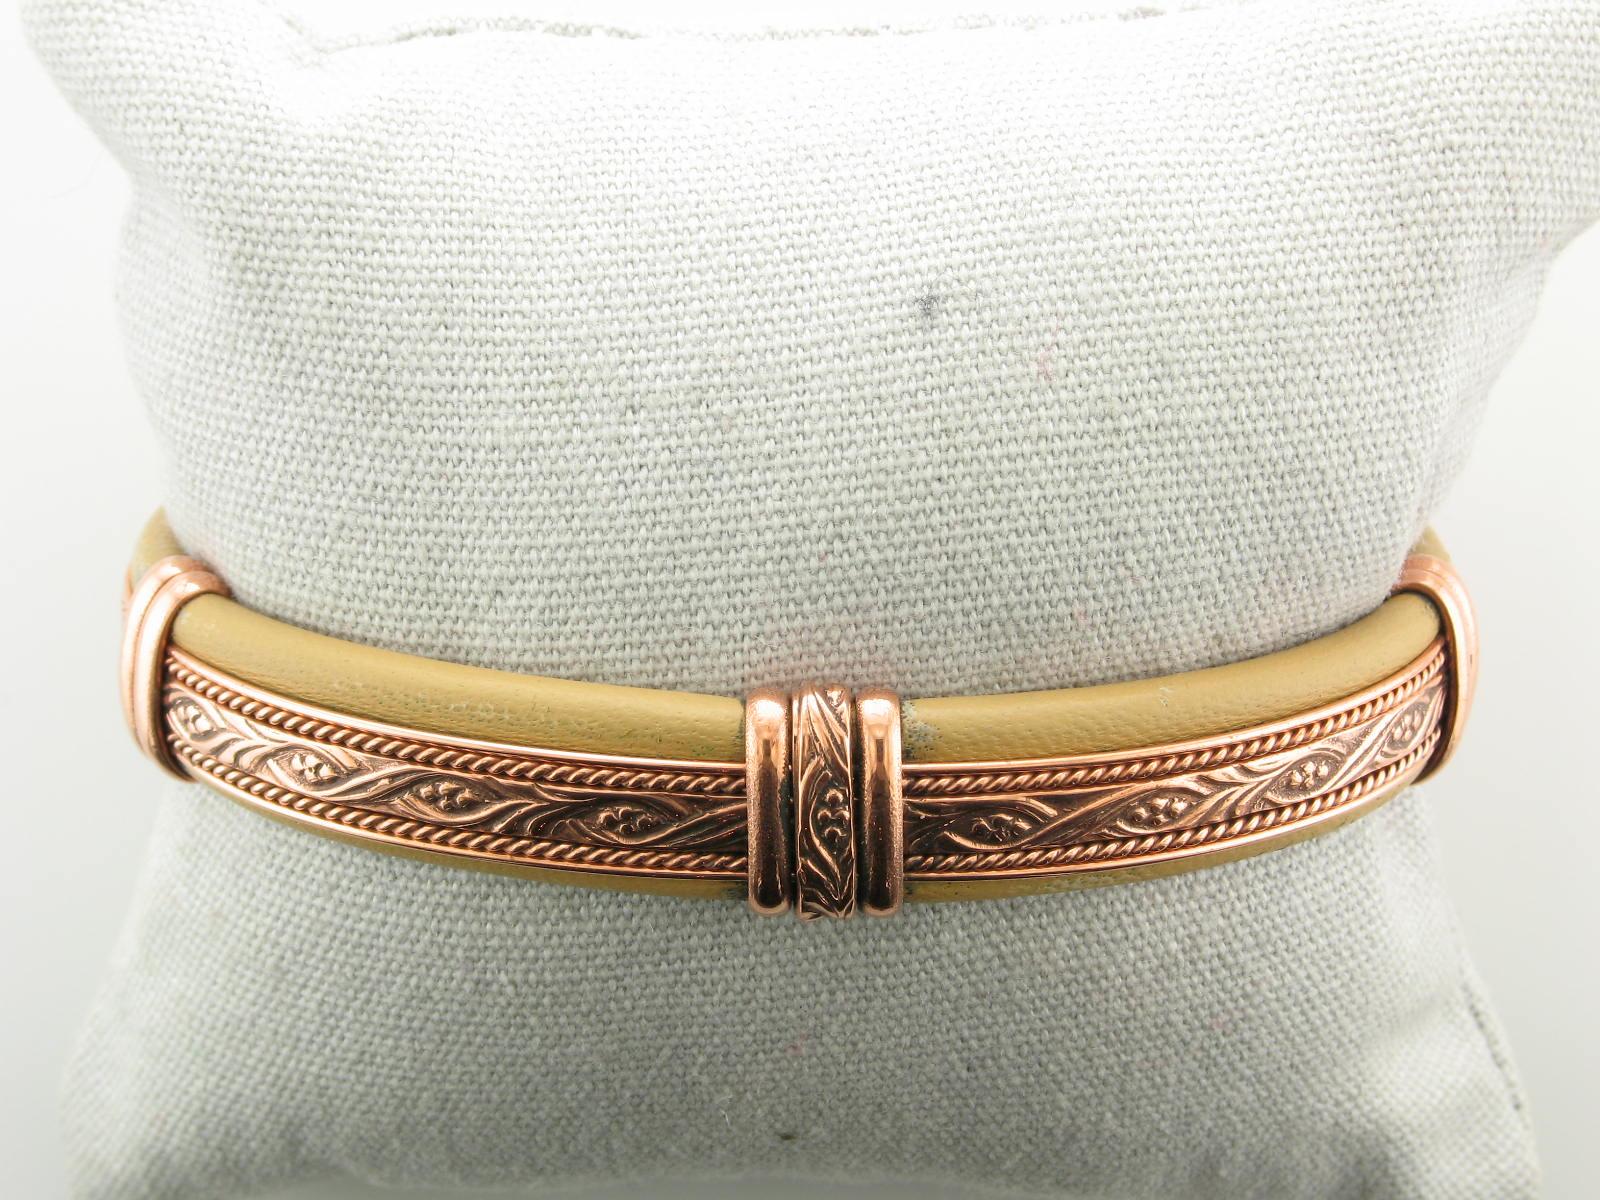 Copper & Tan Leather Cuff Bracelet